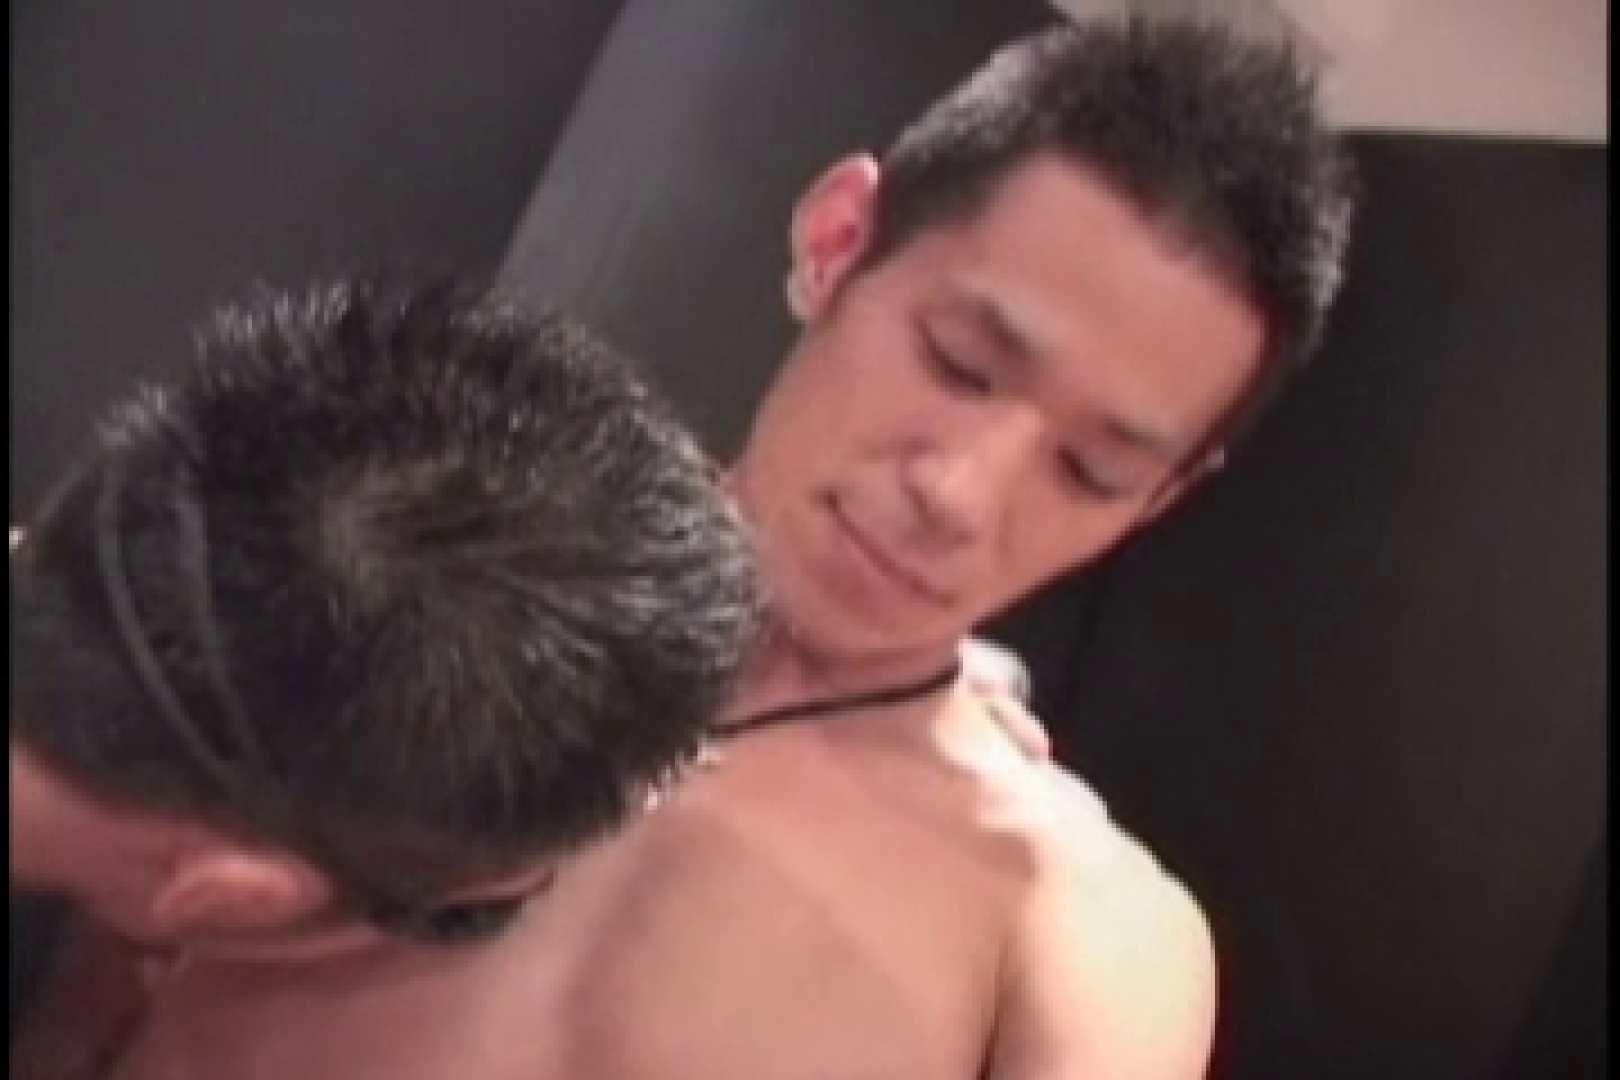 スリ筋!!スポメンのDANKON最高!!take.01 スポーツマン ゲイフリーエロ画像 64枚 10